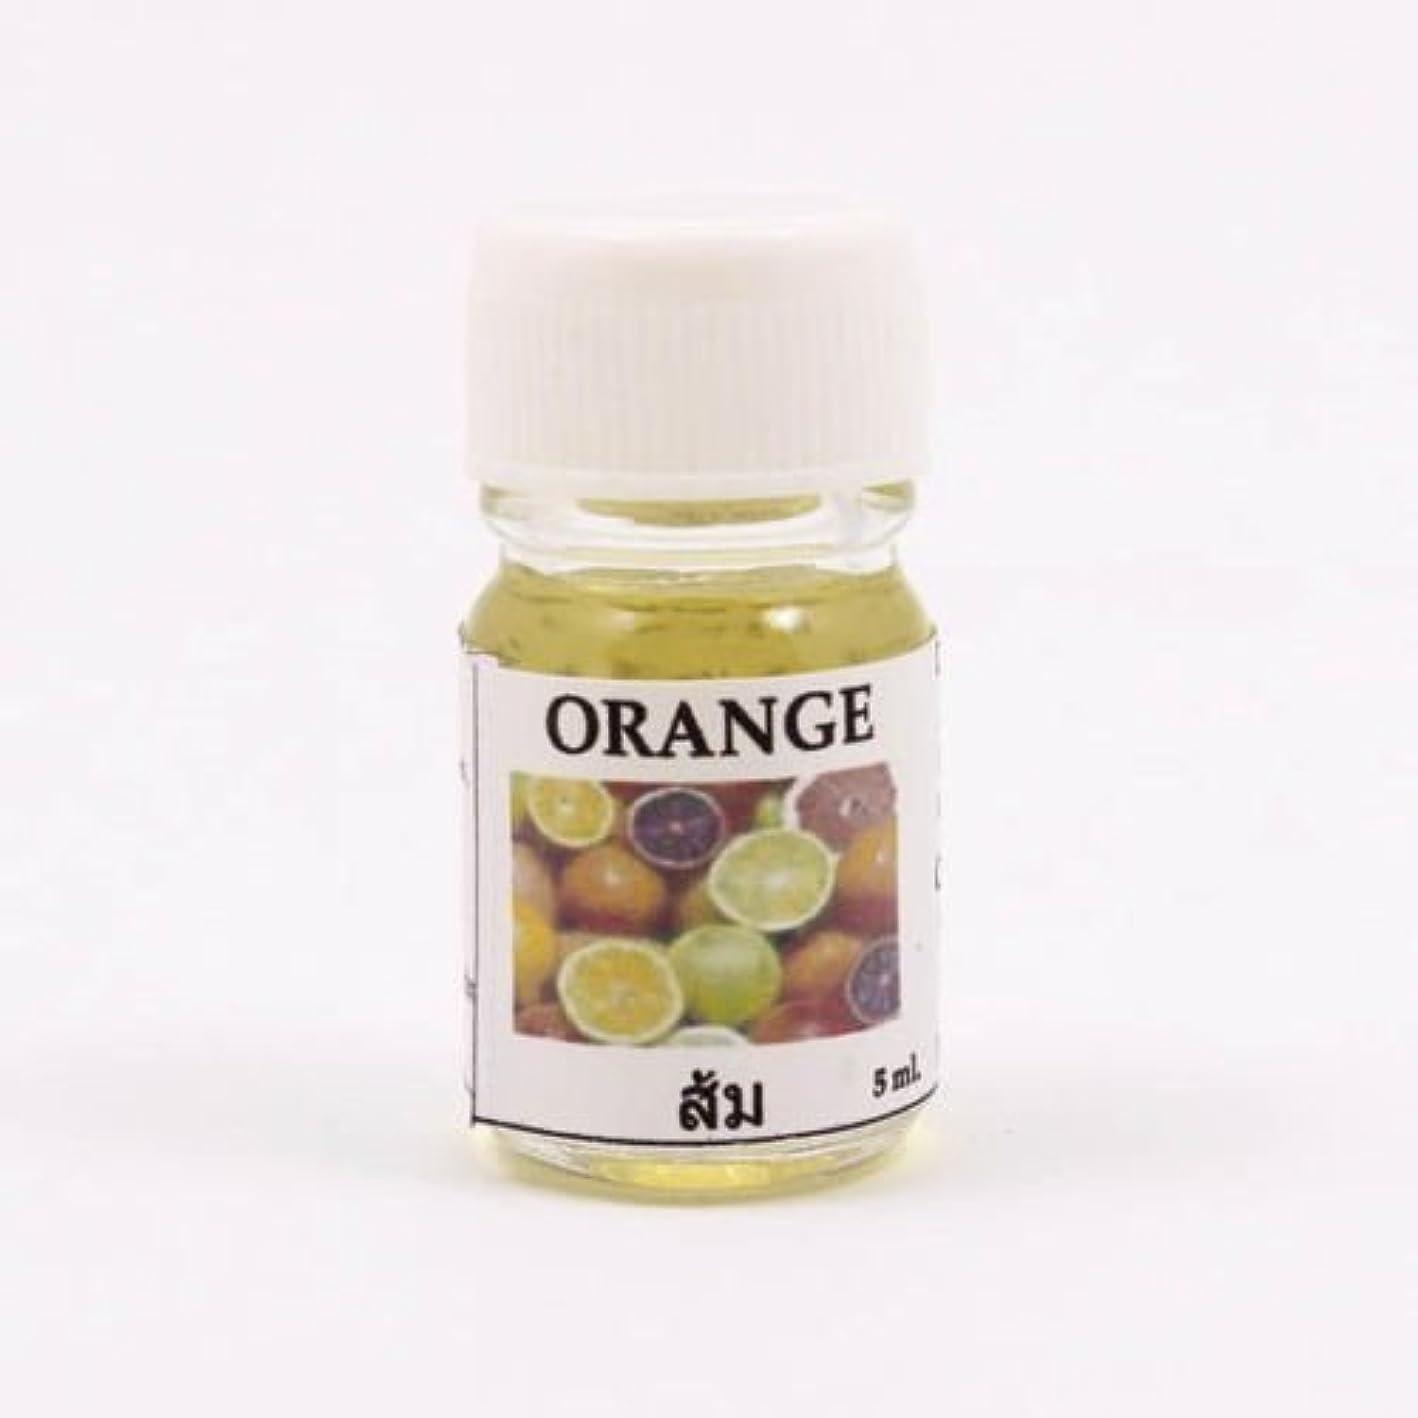 社会囚人することになっている6X Orange Aroma Fragrance Essential Oil 5ML. (cc) Diffuser Burner Therapy